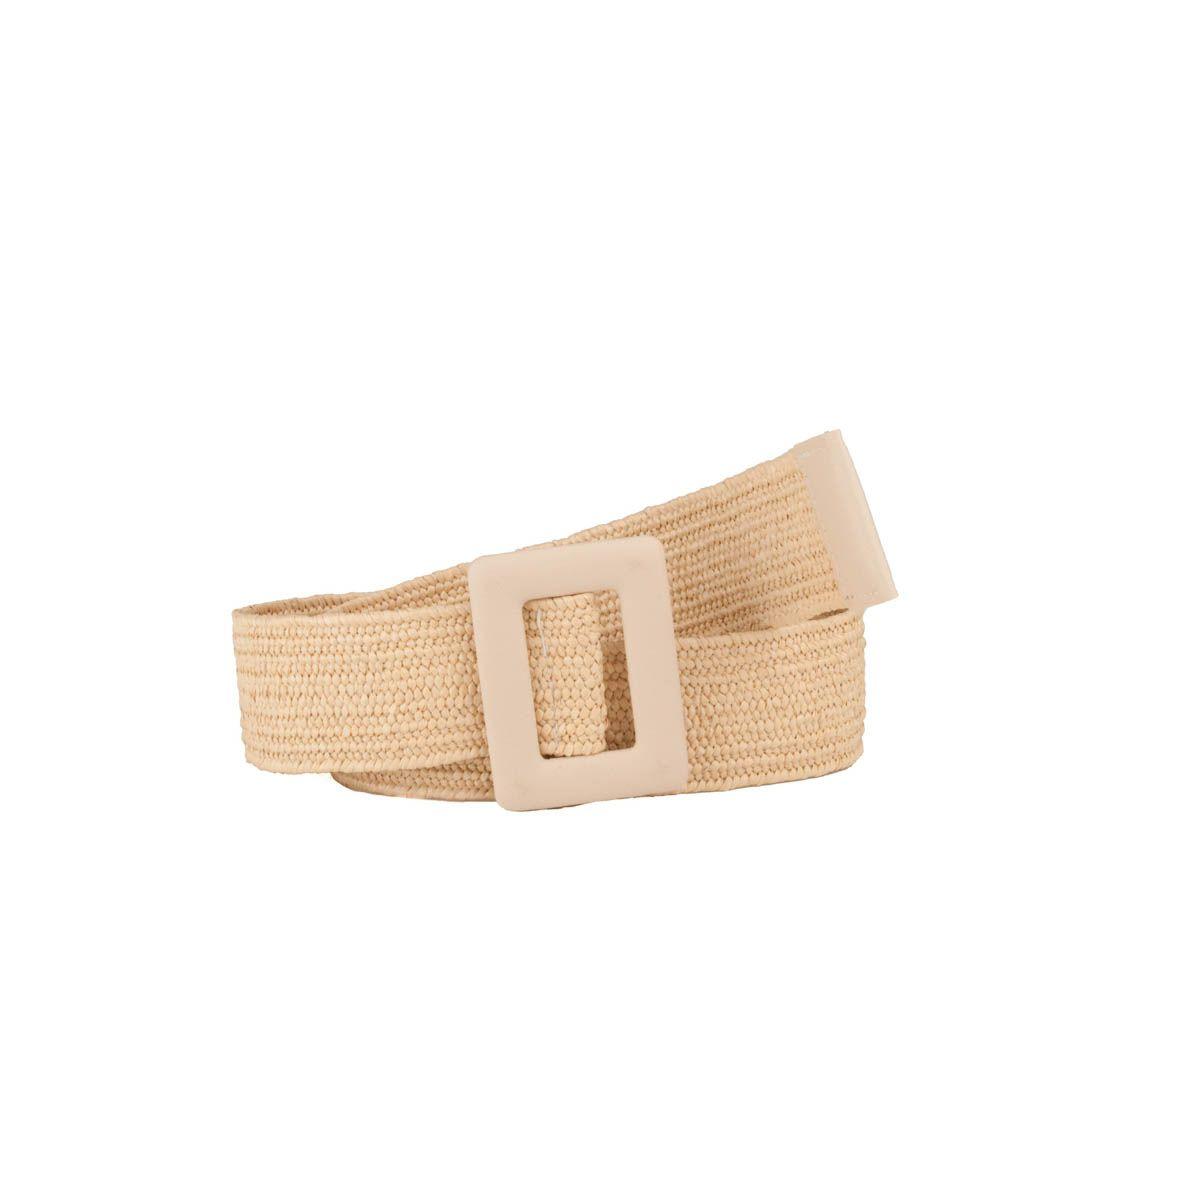 Maria Graor Casual Quality Belt in Beige